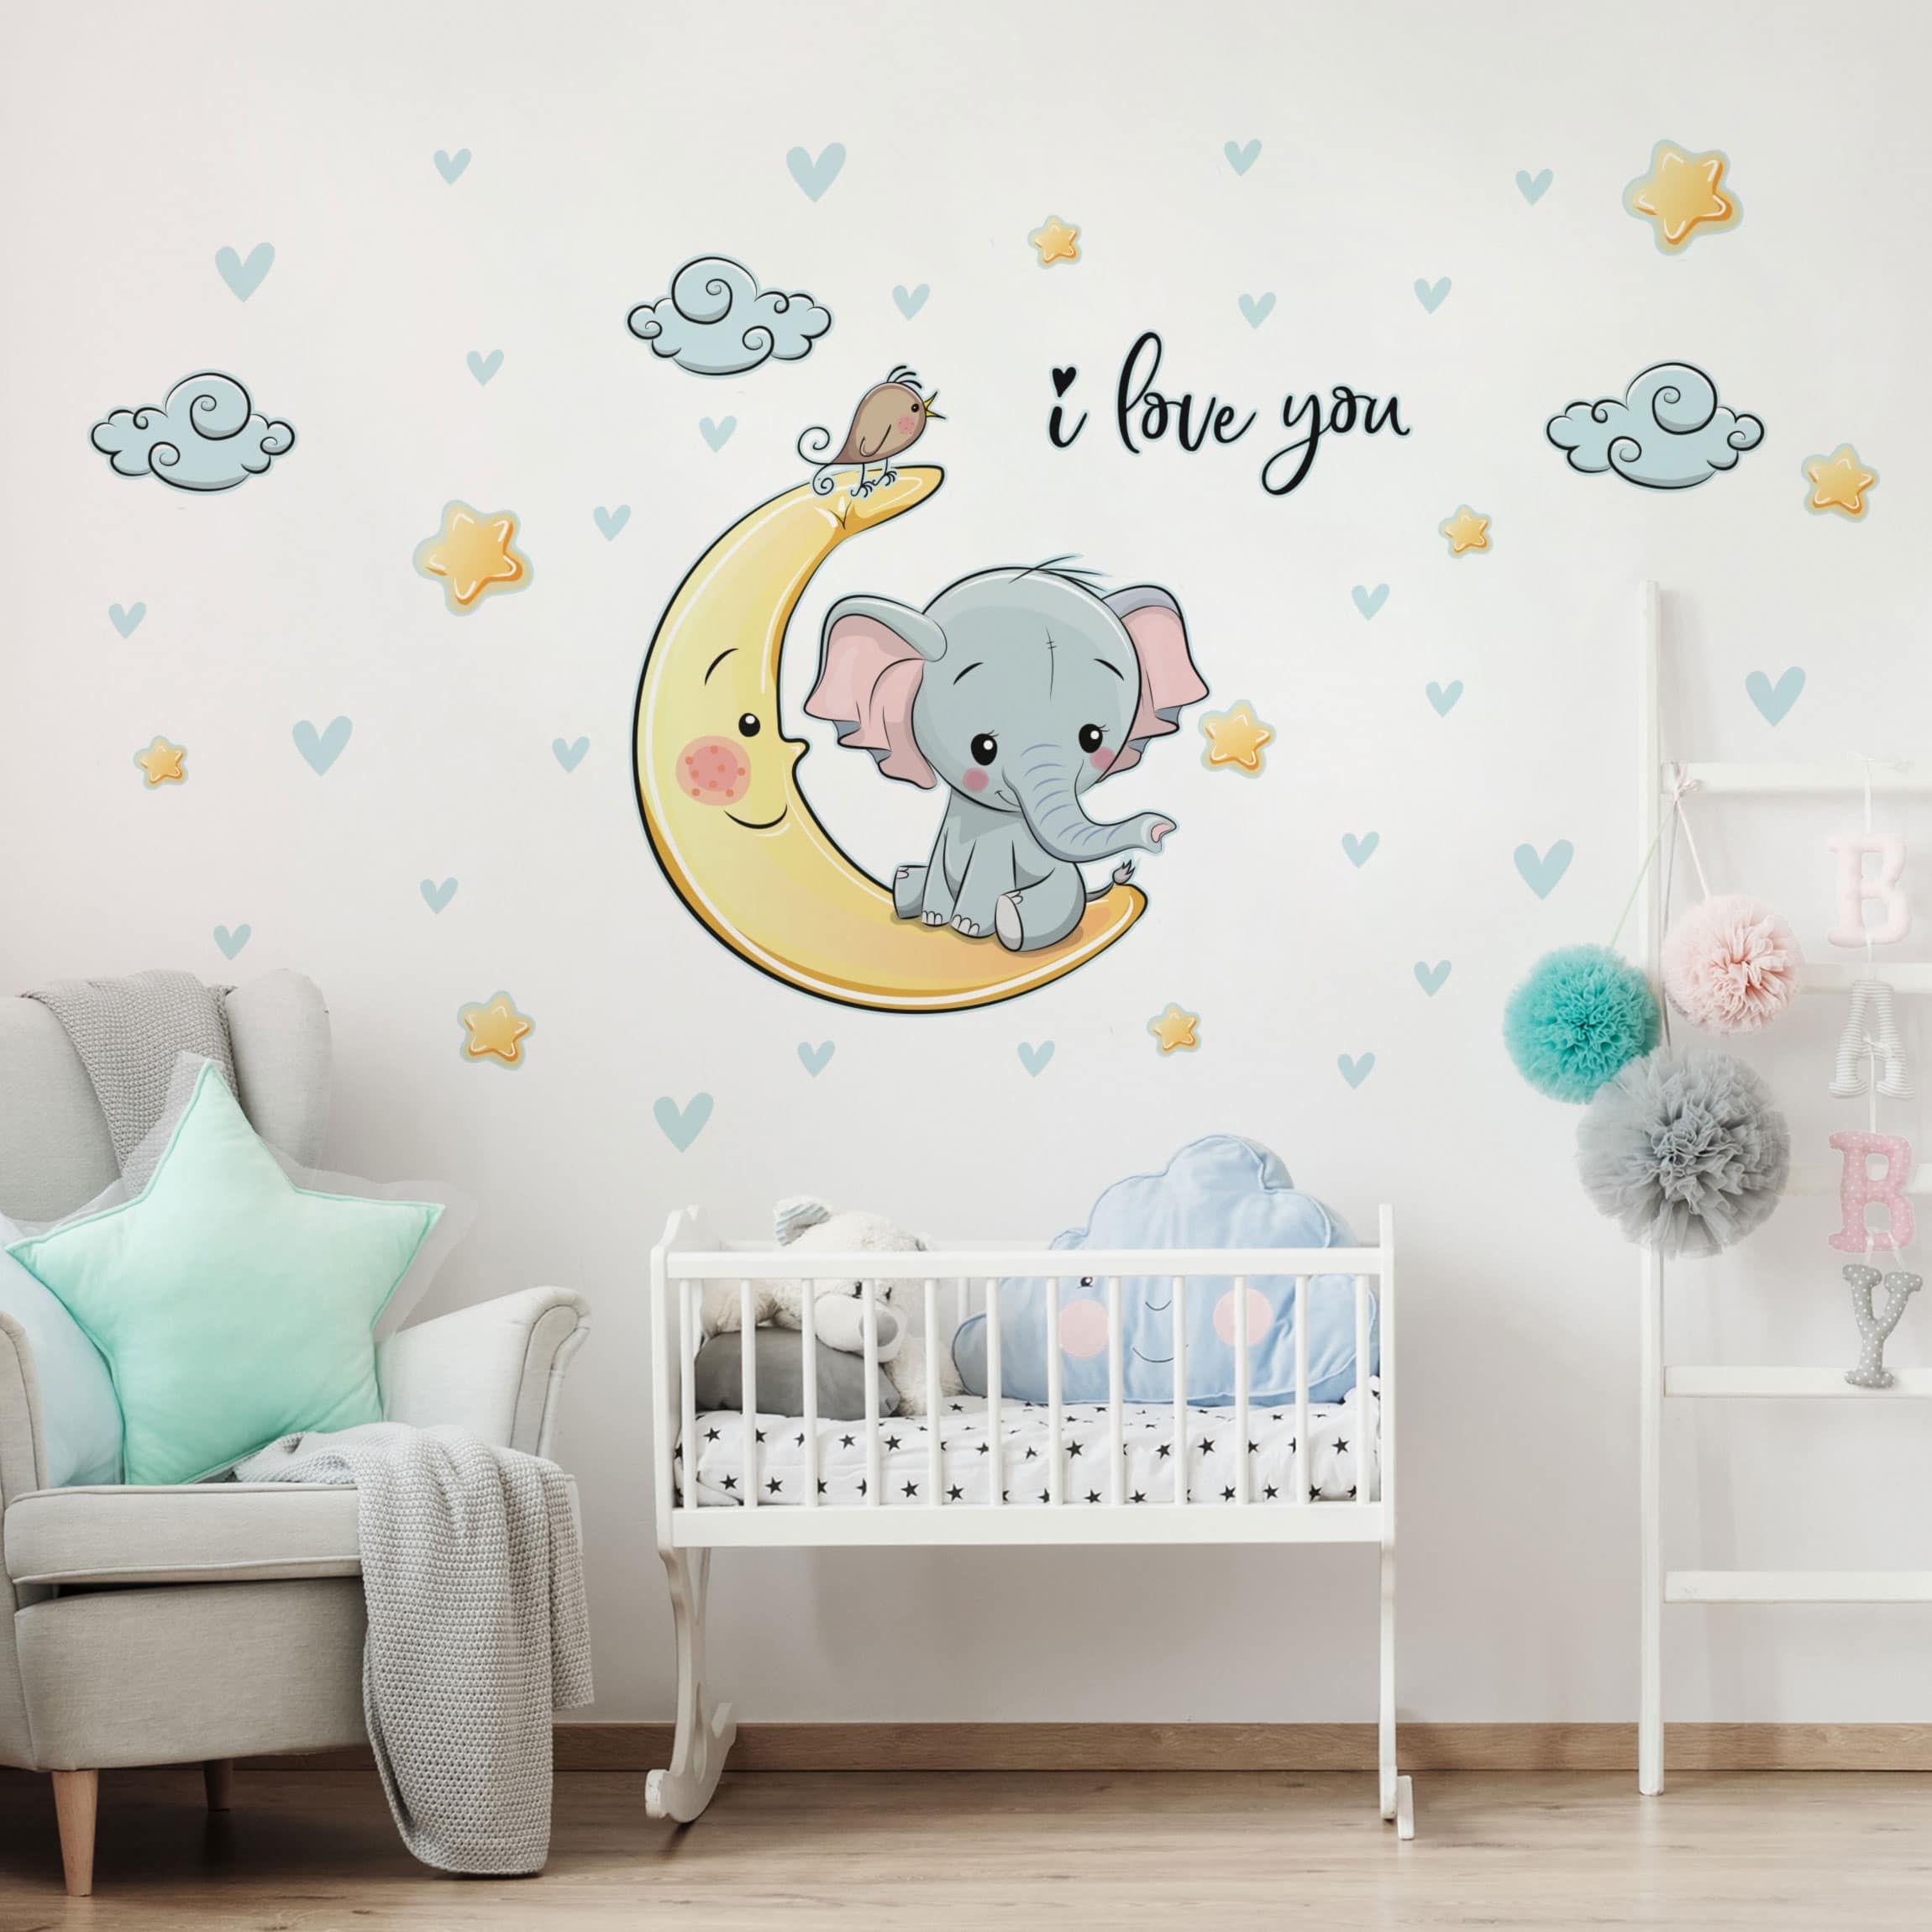 Muri Camerette Per Bambini adesivo murale bambini - elefantino sulla luna i love you